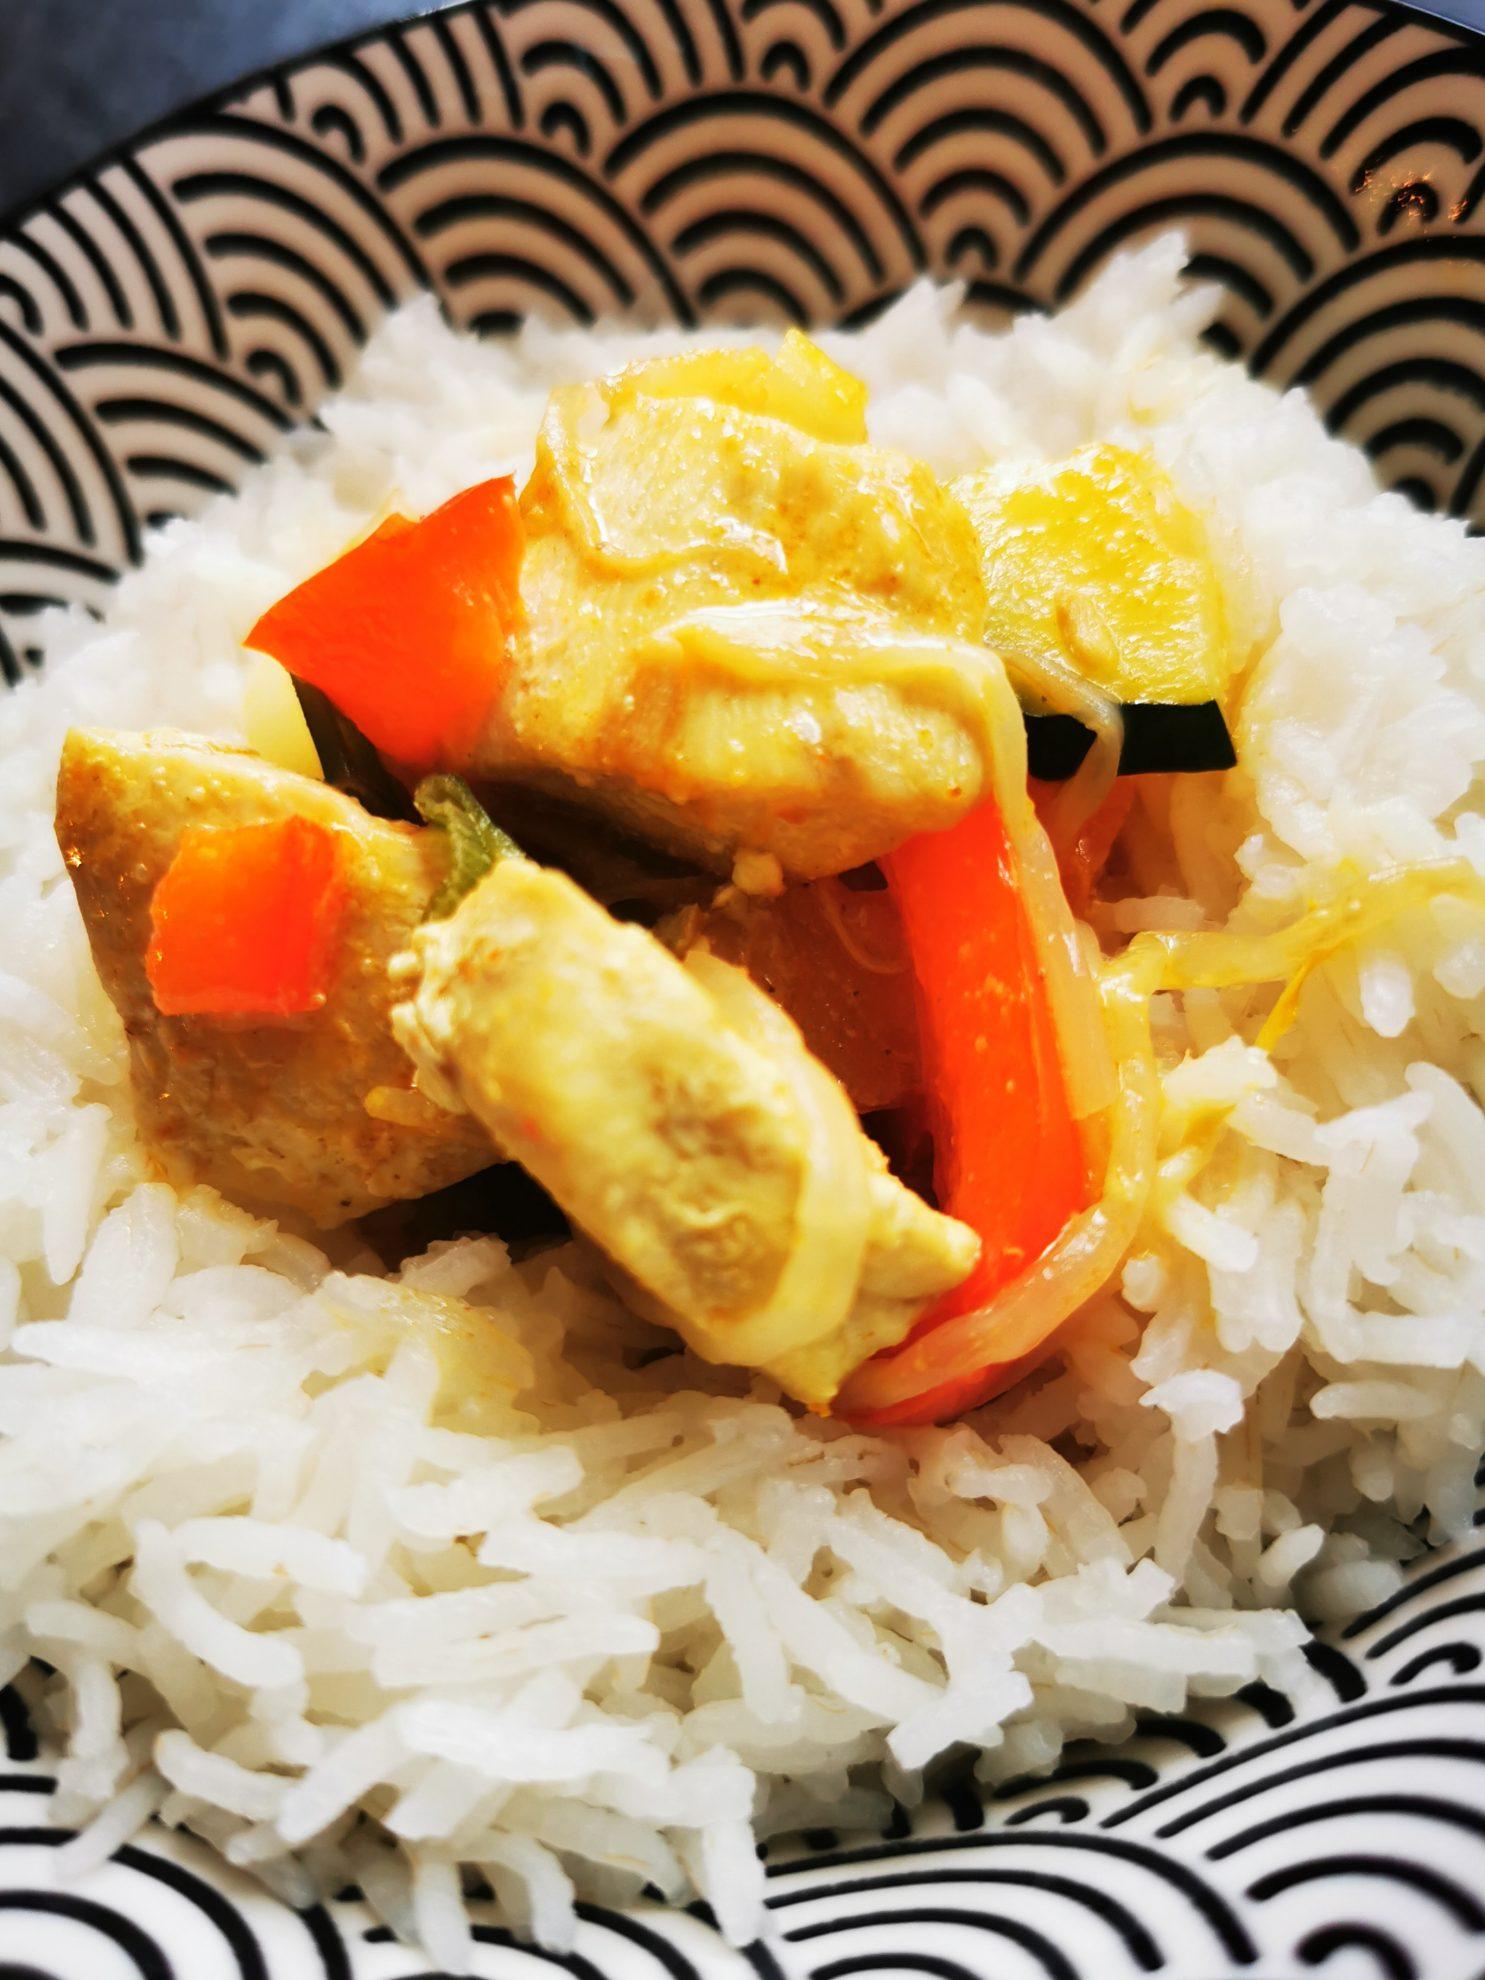 Hähnchencurry mit Reis in den Freitagslieblingen am 3.9.2021